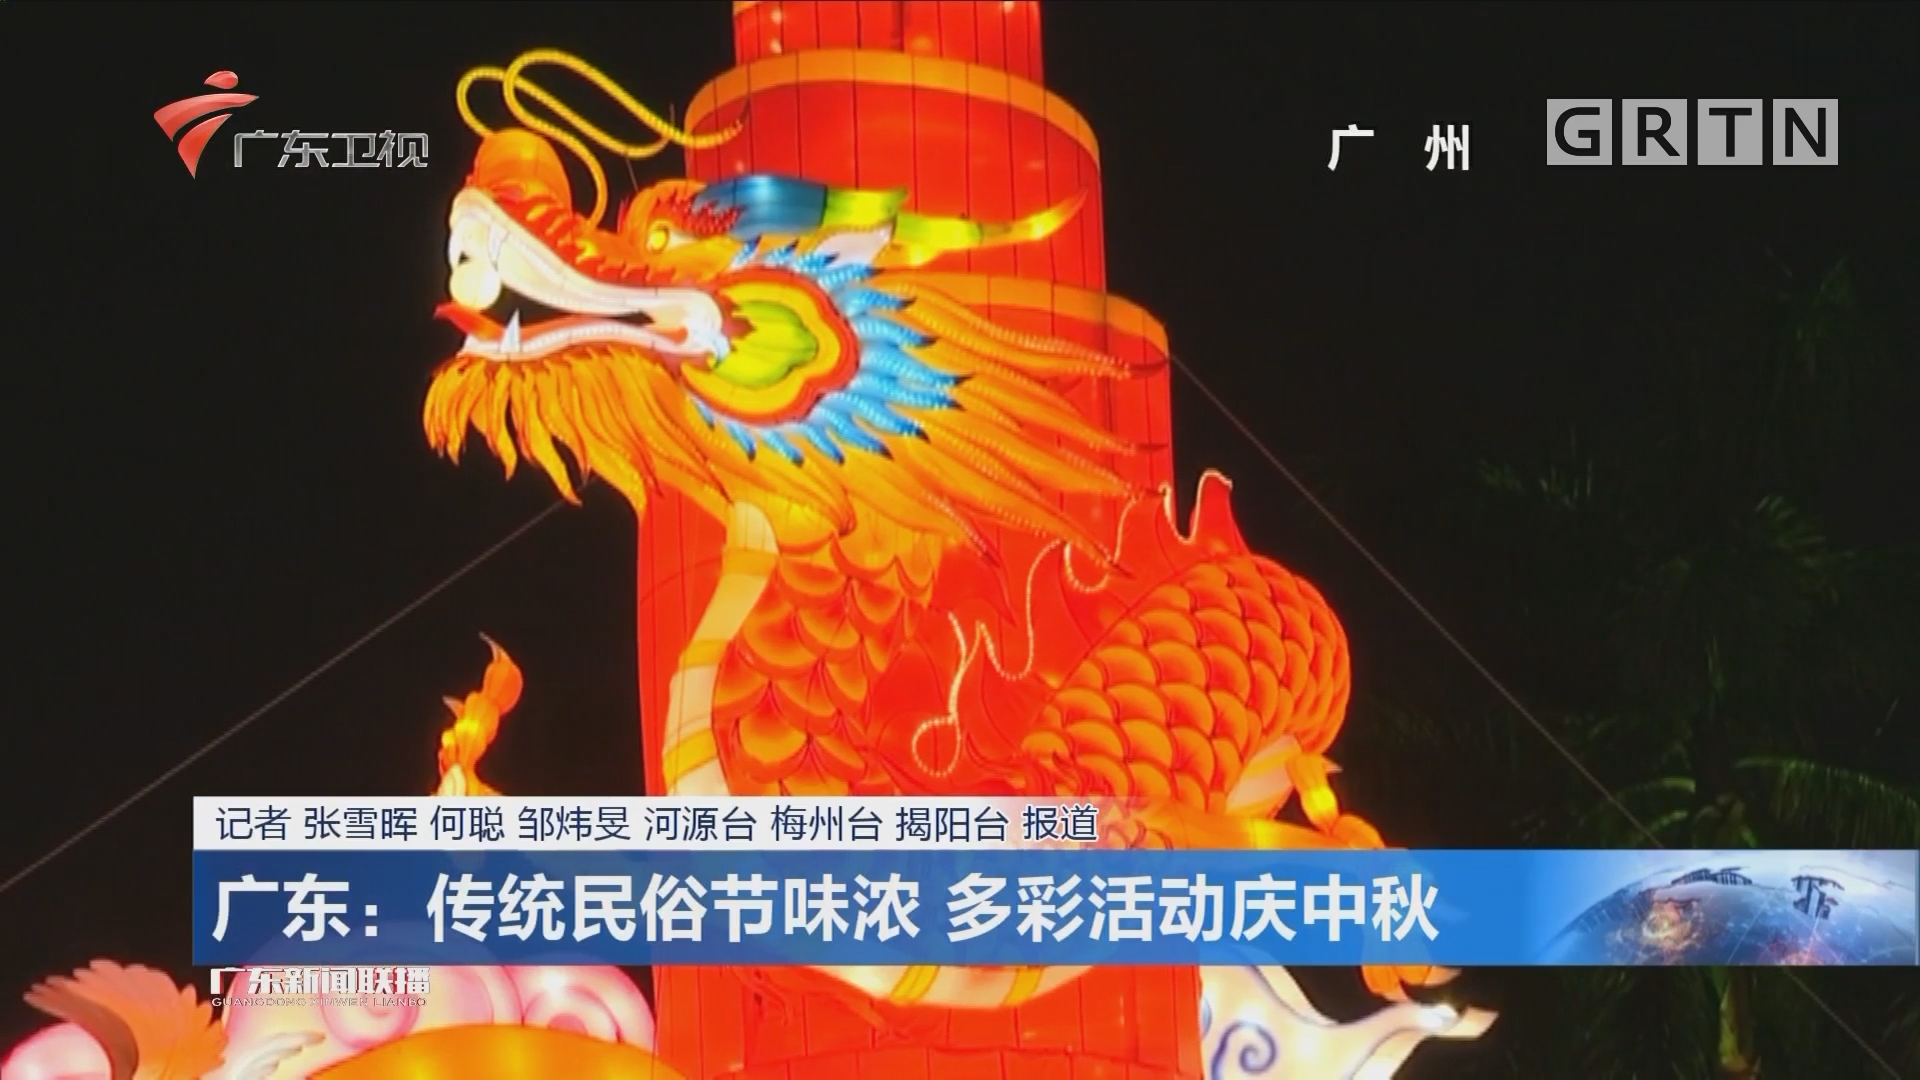 广东:传统民俗节味浓 多彩活动庆中秋